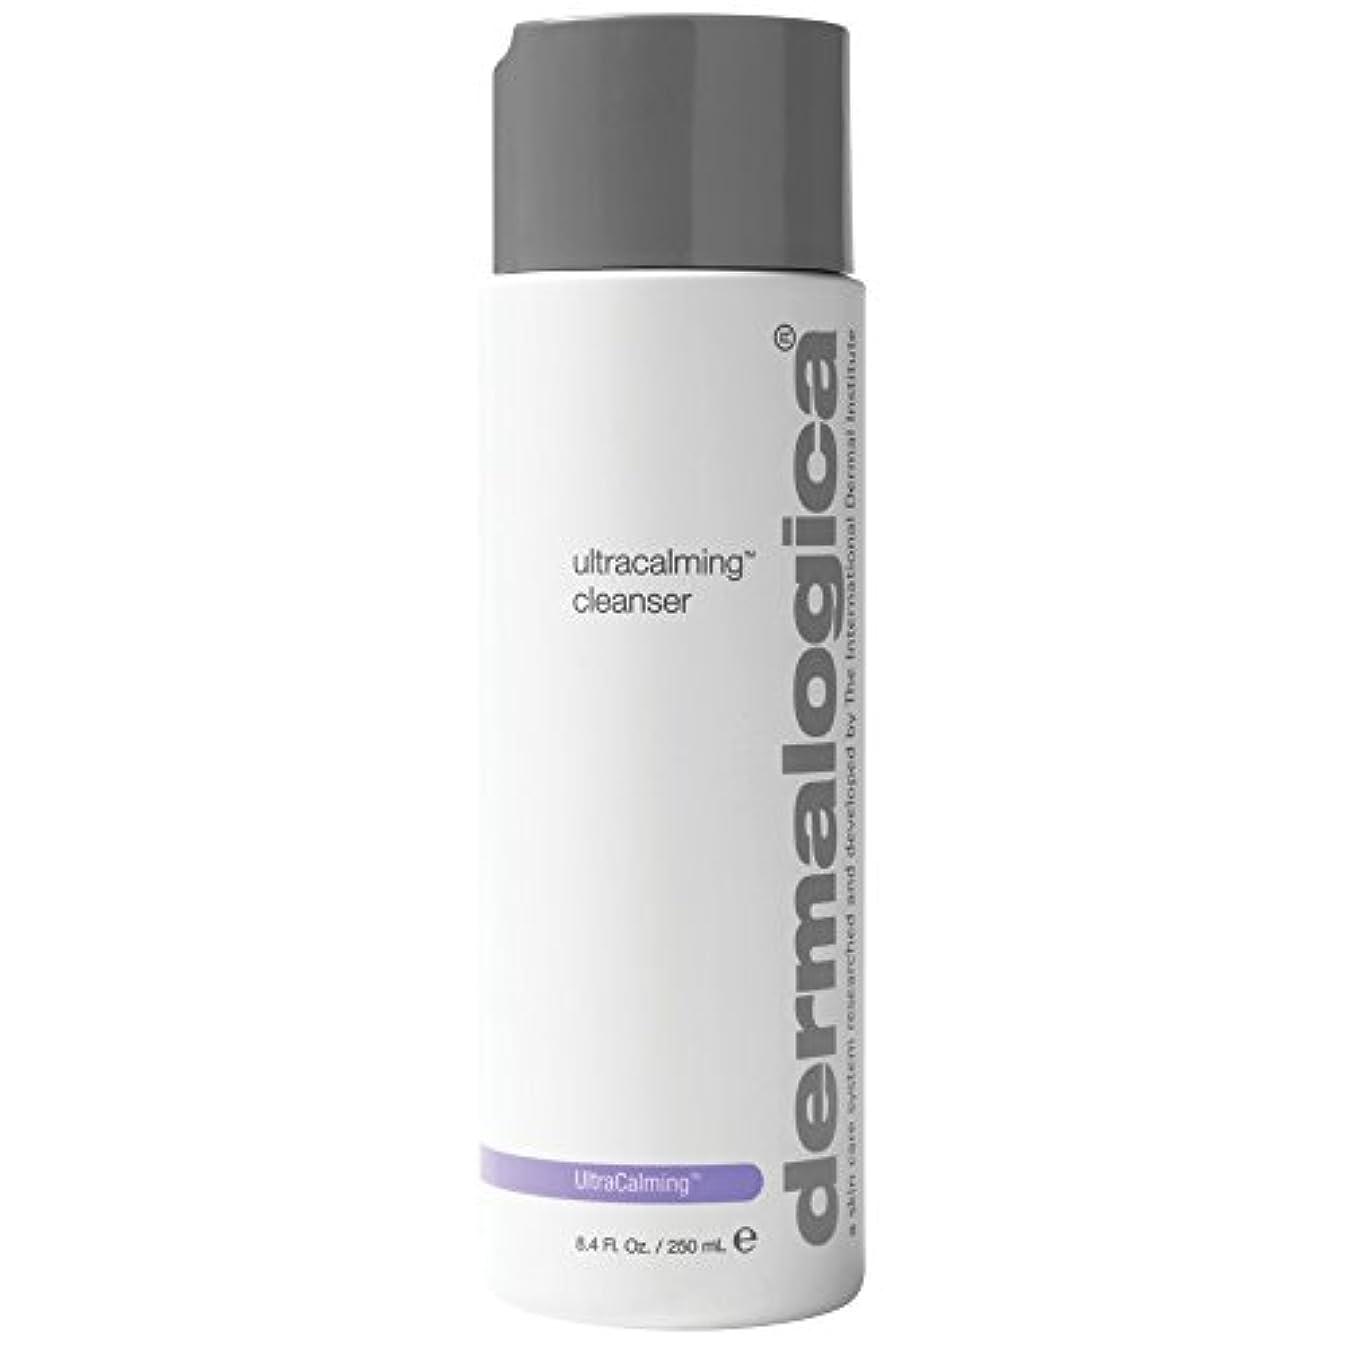 靴アレルギー芝生ダーマロジカUltracalming?クレンザーの250ミリリットル (Dermalogica) (x2) - Dermalogica UltraCalming? Cleanser 250ml (Pack of 2) [...